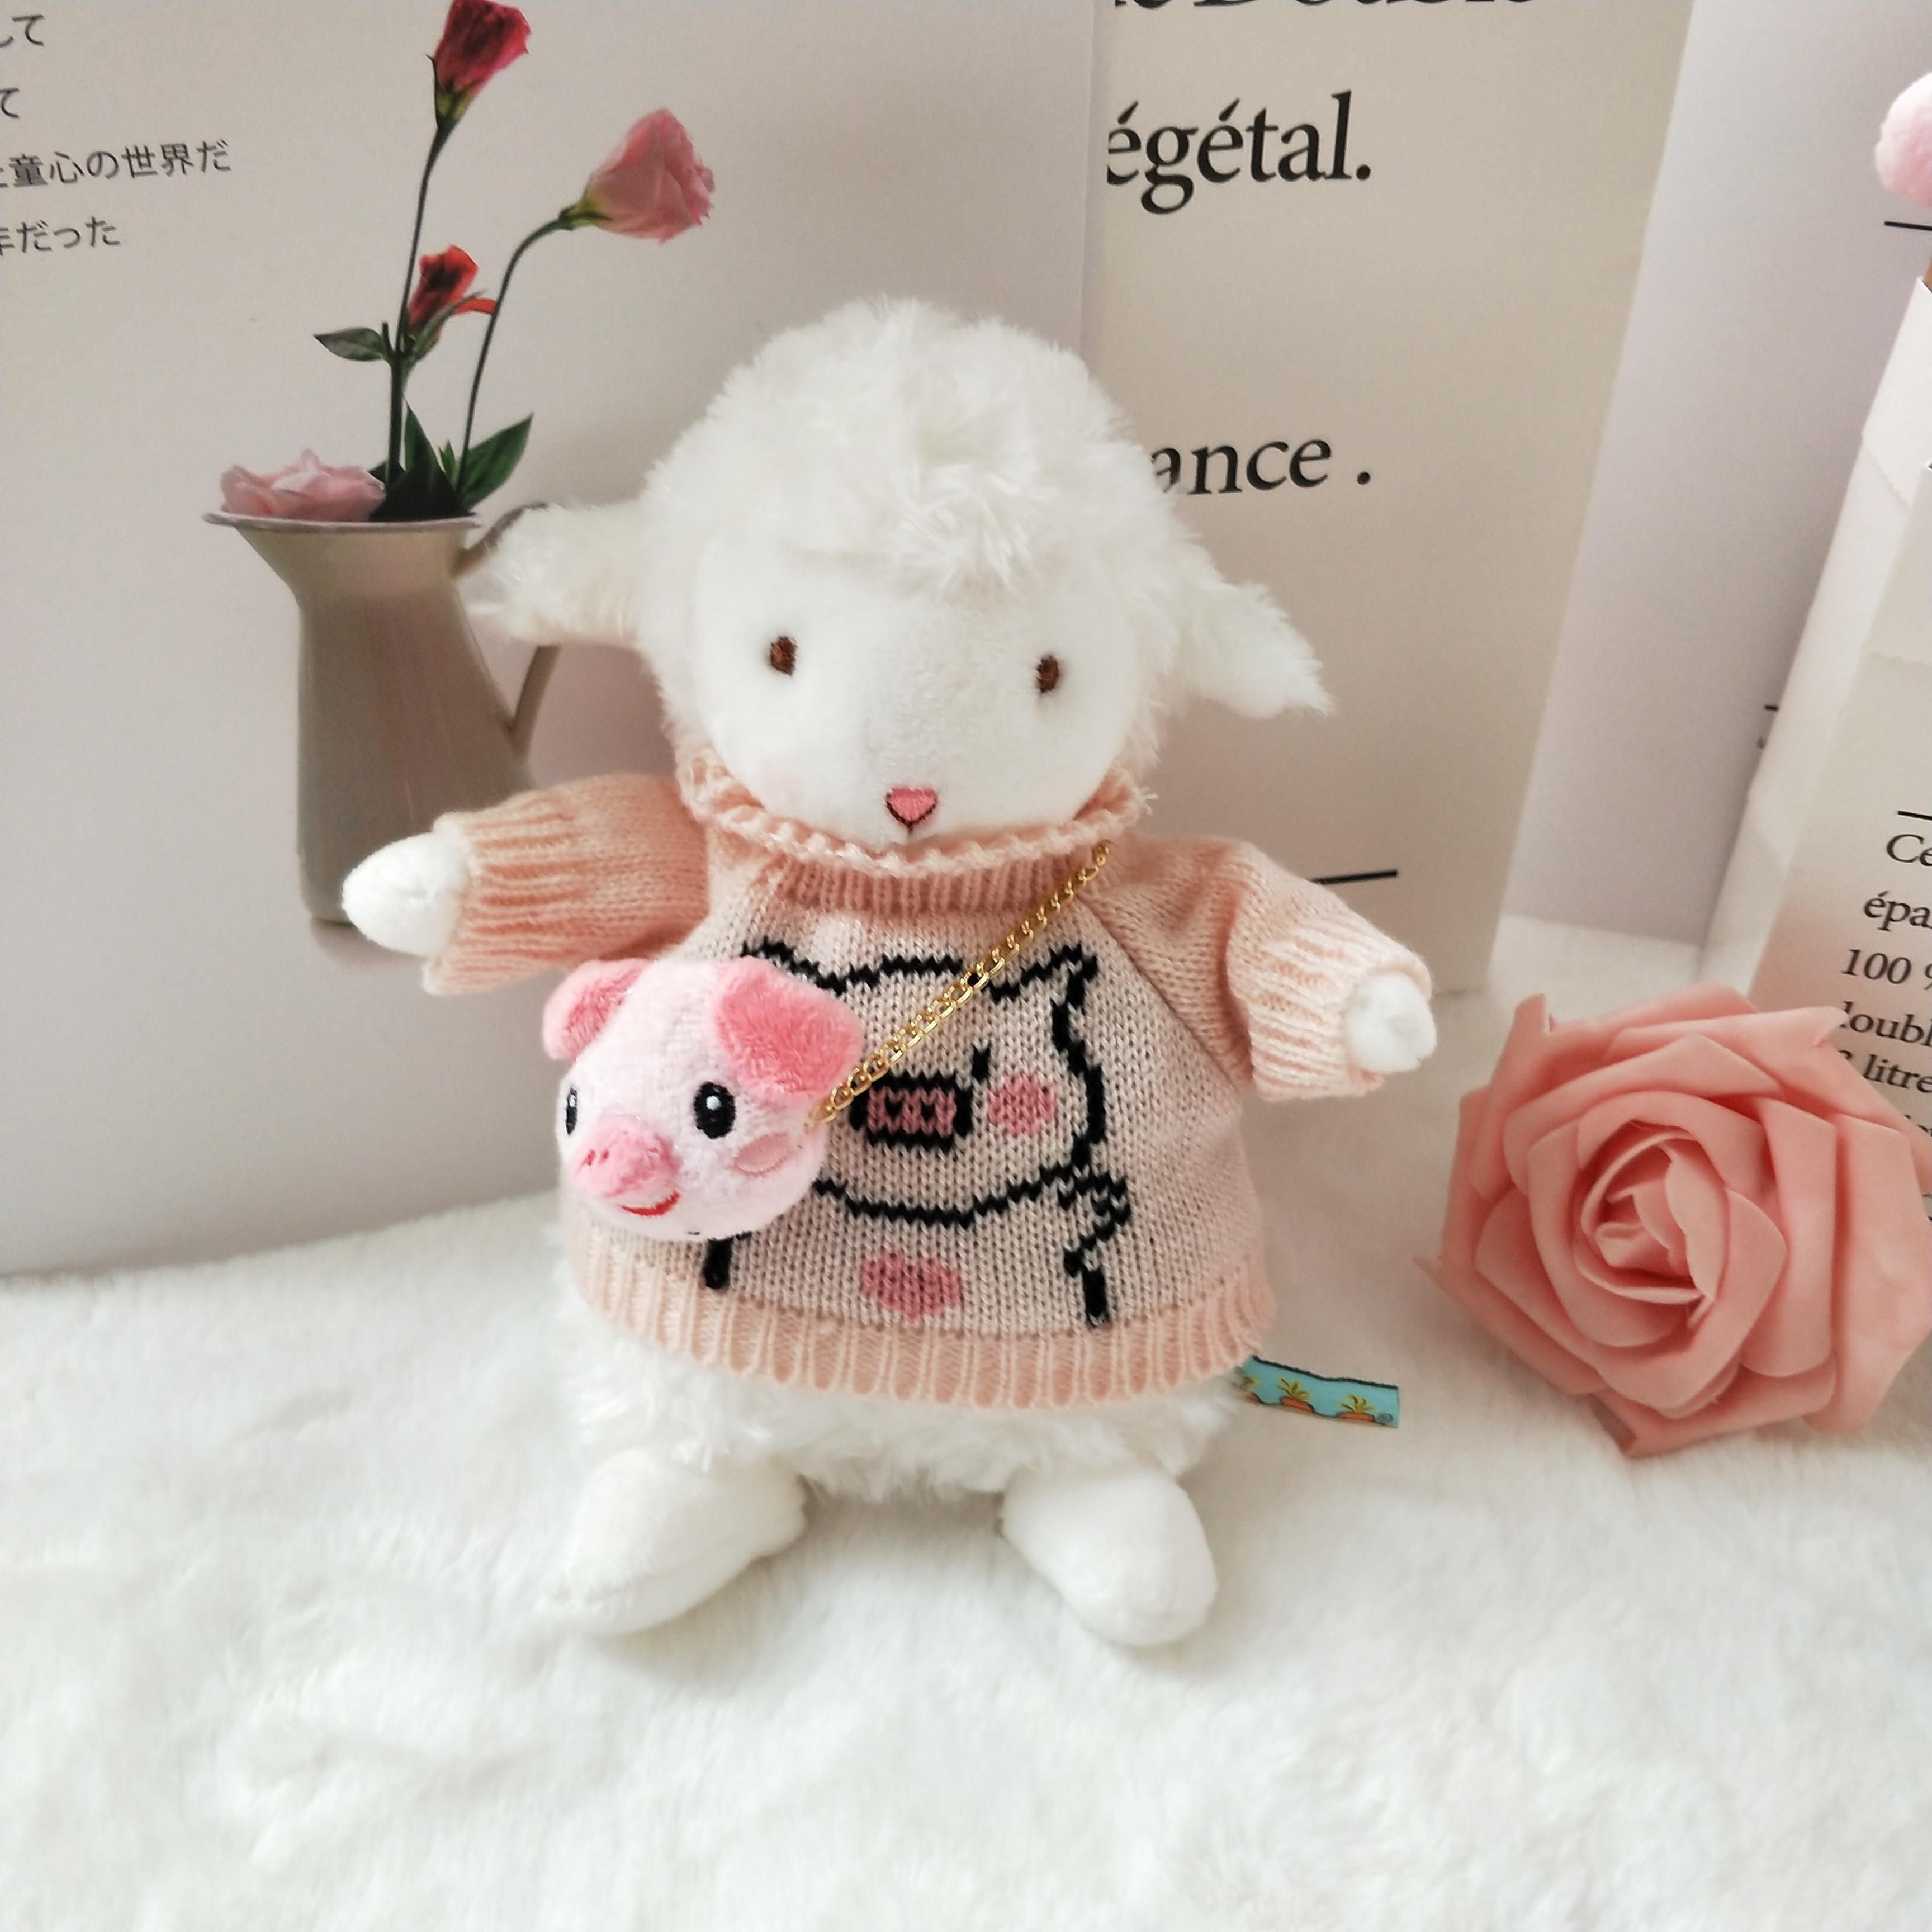 网红娃娃衣服17厘米小羊玩偶毛衣小坐羊服饰替换装配饰配件